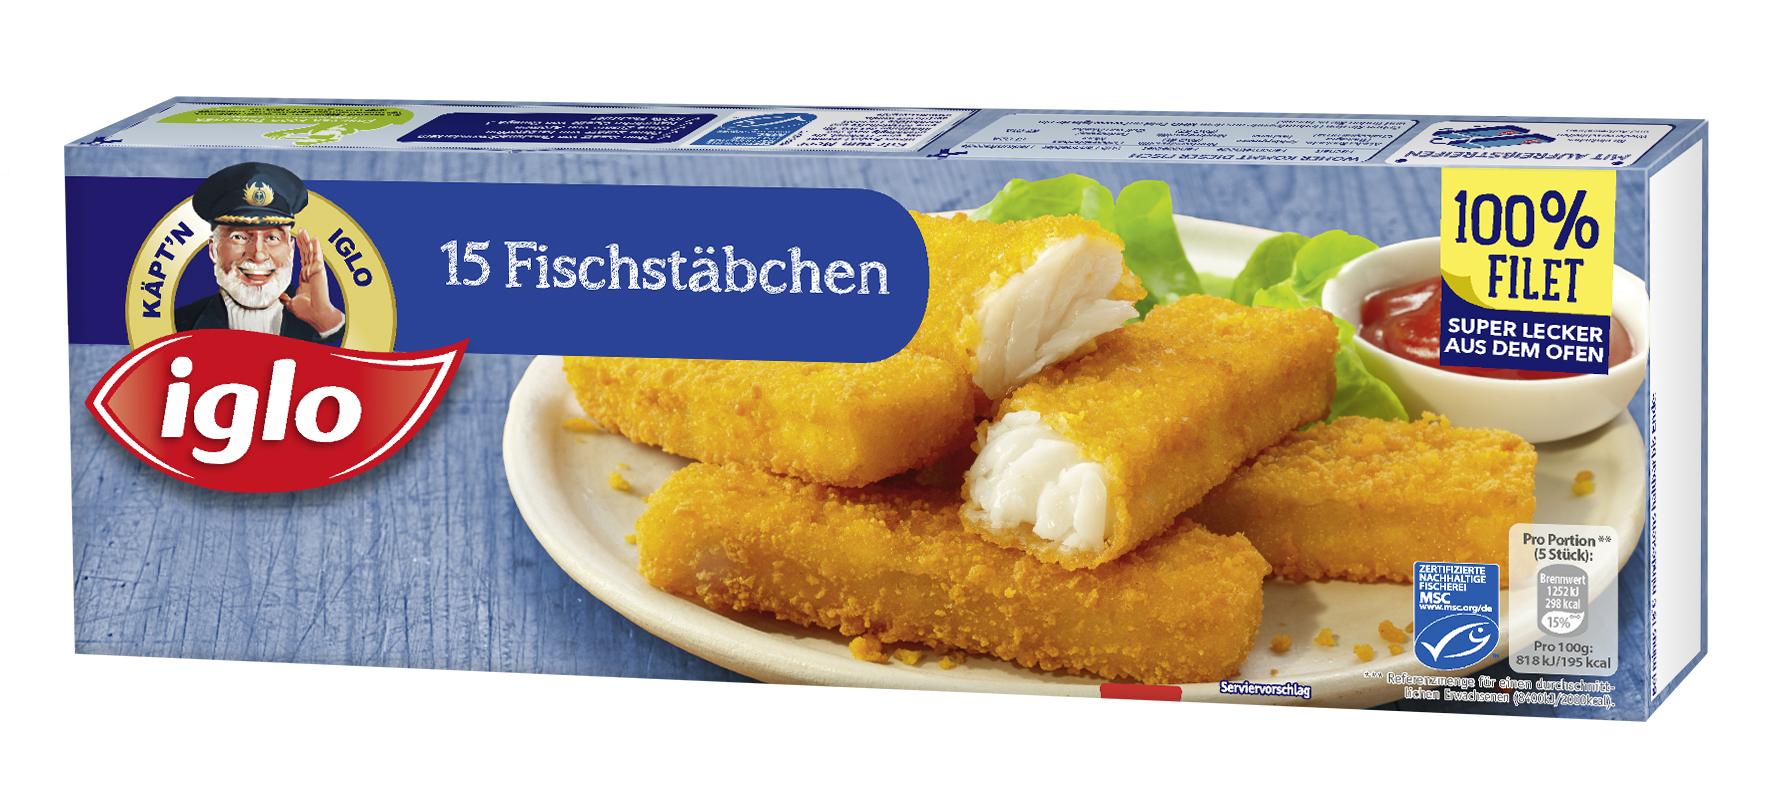 15_Fischstaebchen_20170111